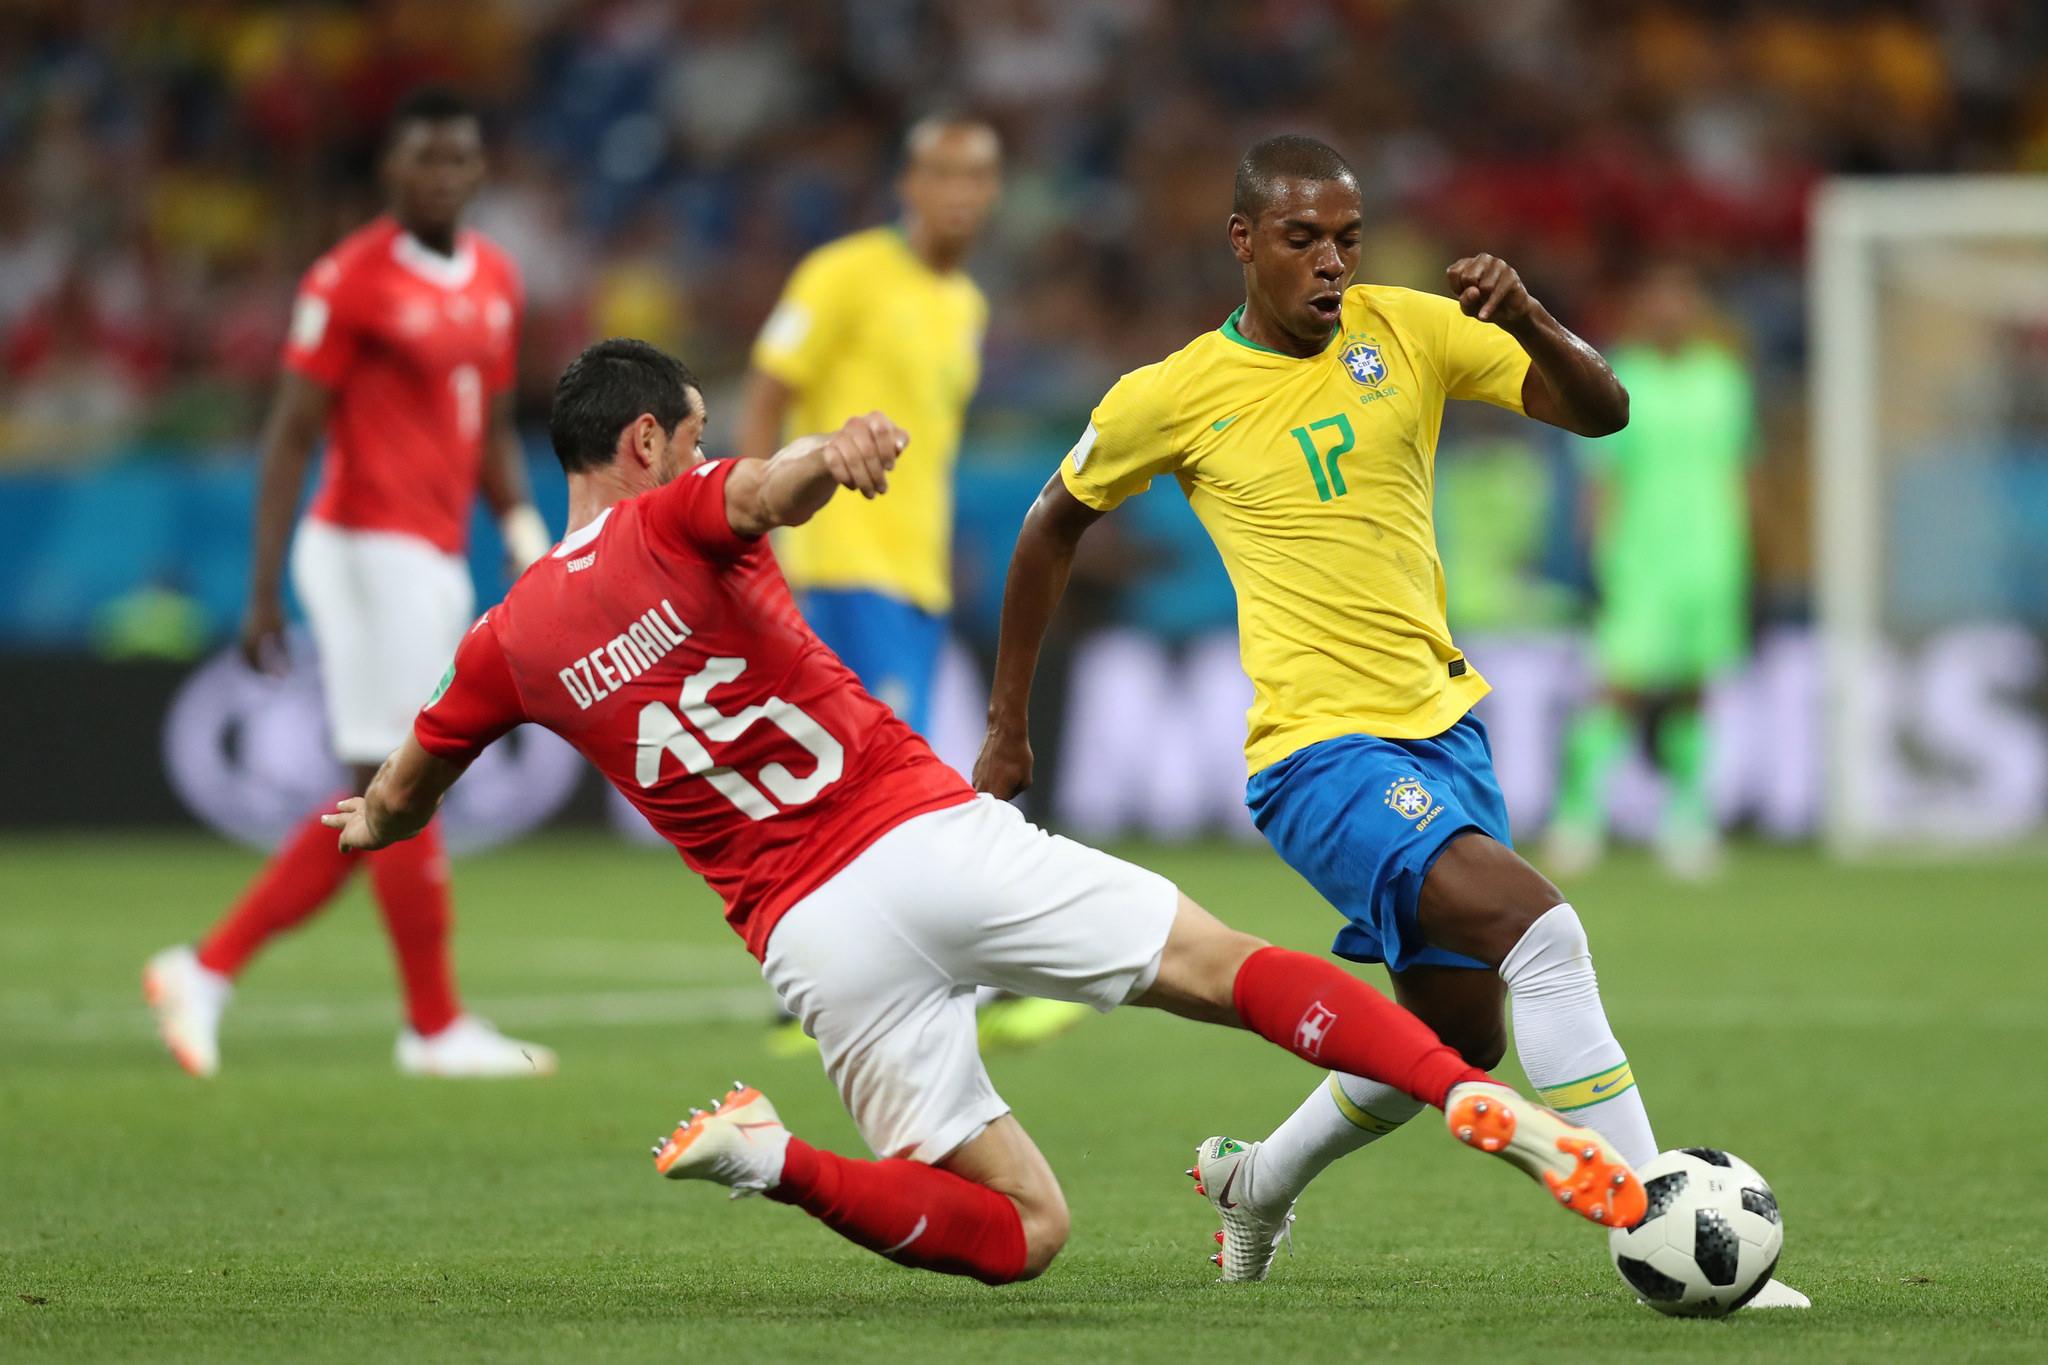 Londrinense Fernandinho entrou no segundo tempo. Foto: Lucas Figueiredo/CBF